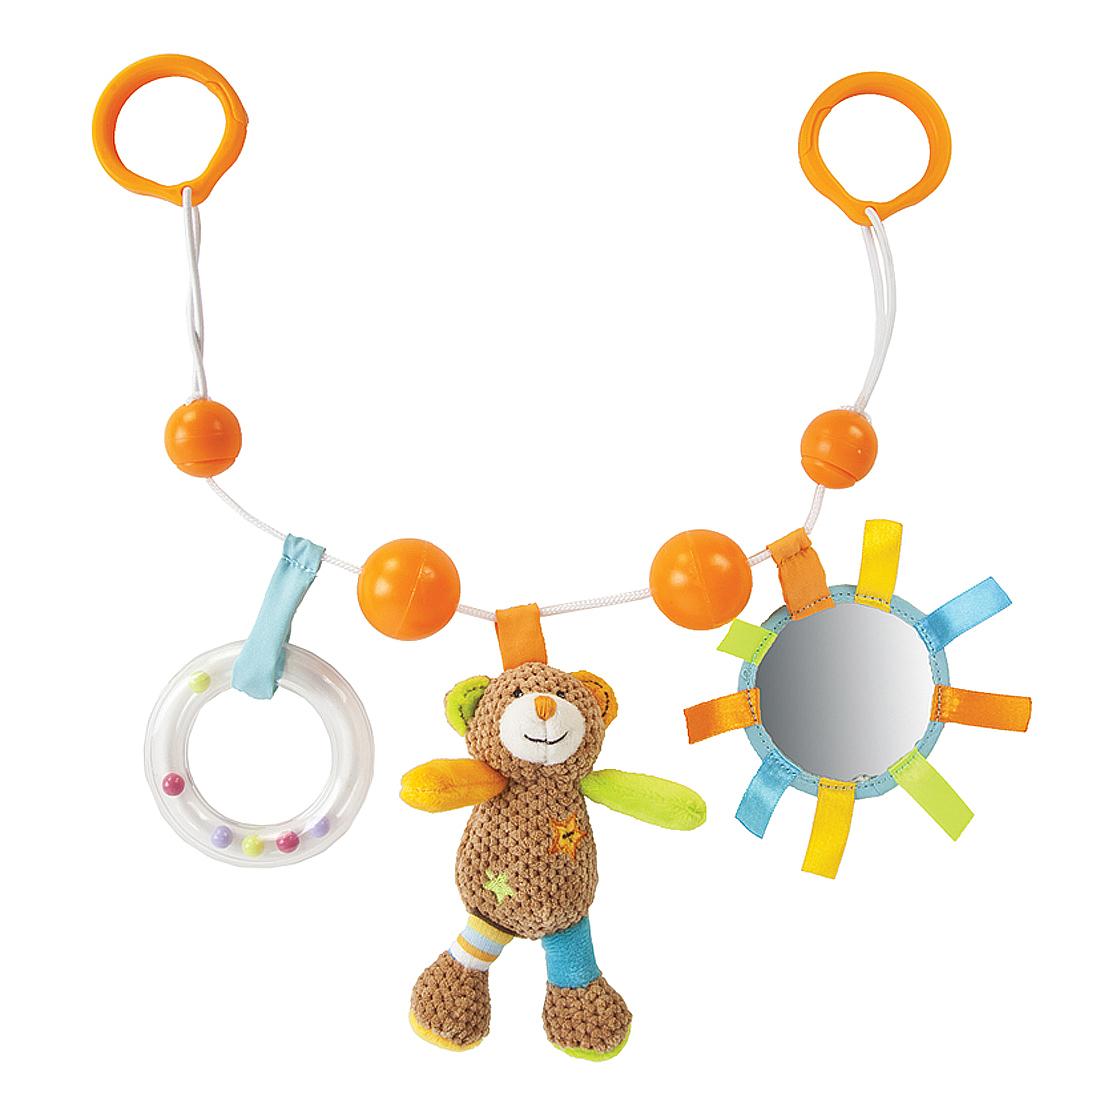 Купить Игры и игрушки в дорогу, Мишка Вилли, Жирафики, Китай, Мультиколор